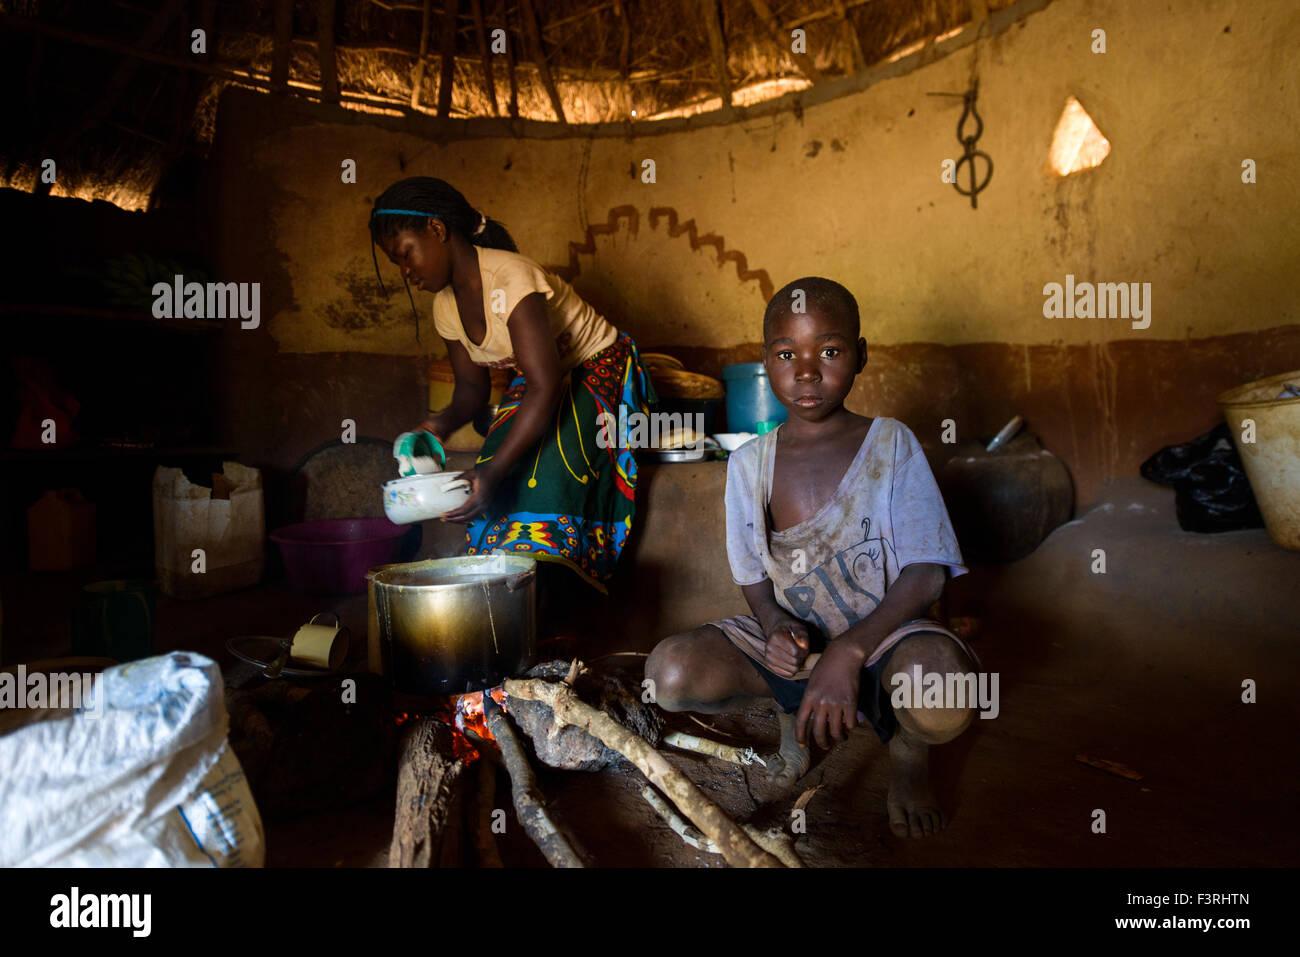 Scène quotidienne traditionnelle en paillote, Mozambique, Afrique du Sud Photo Stock